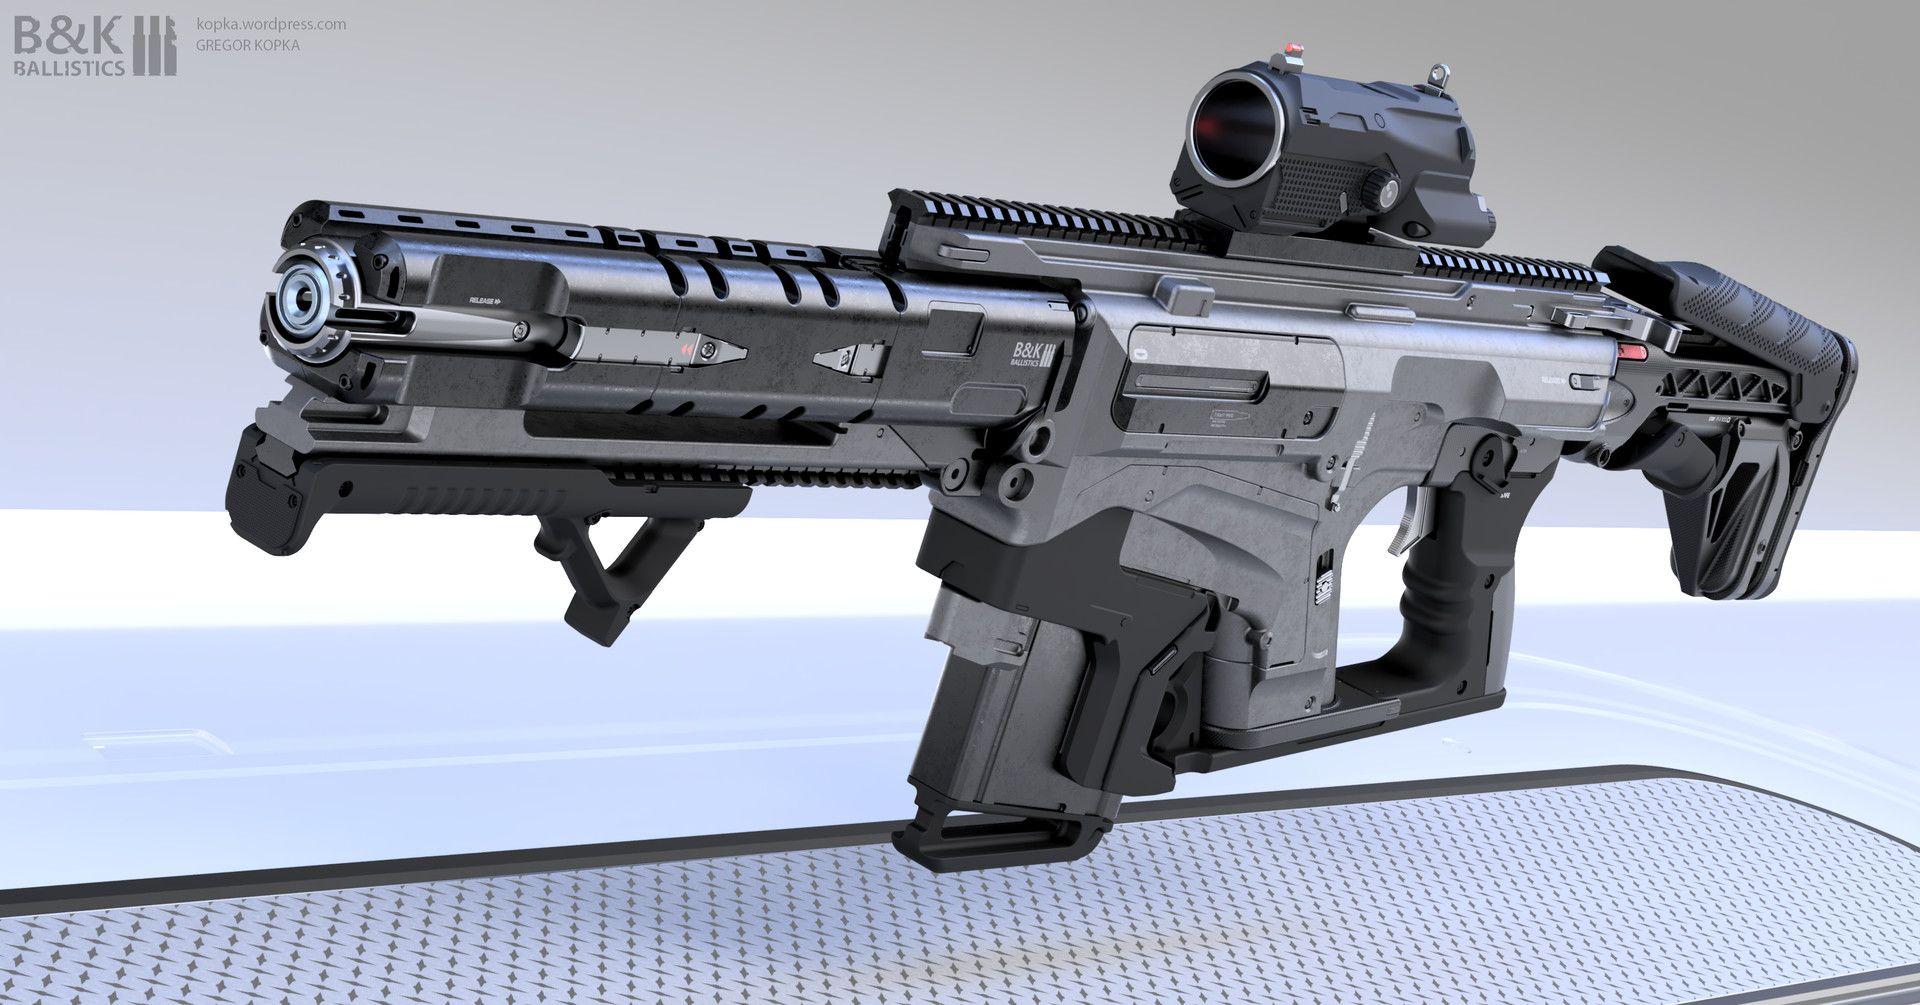 artstation assault rifle concept gregor kopka mossberg